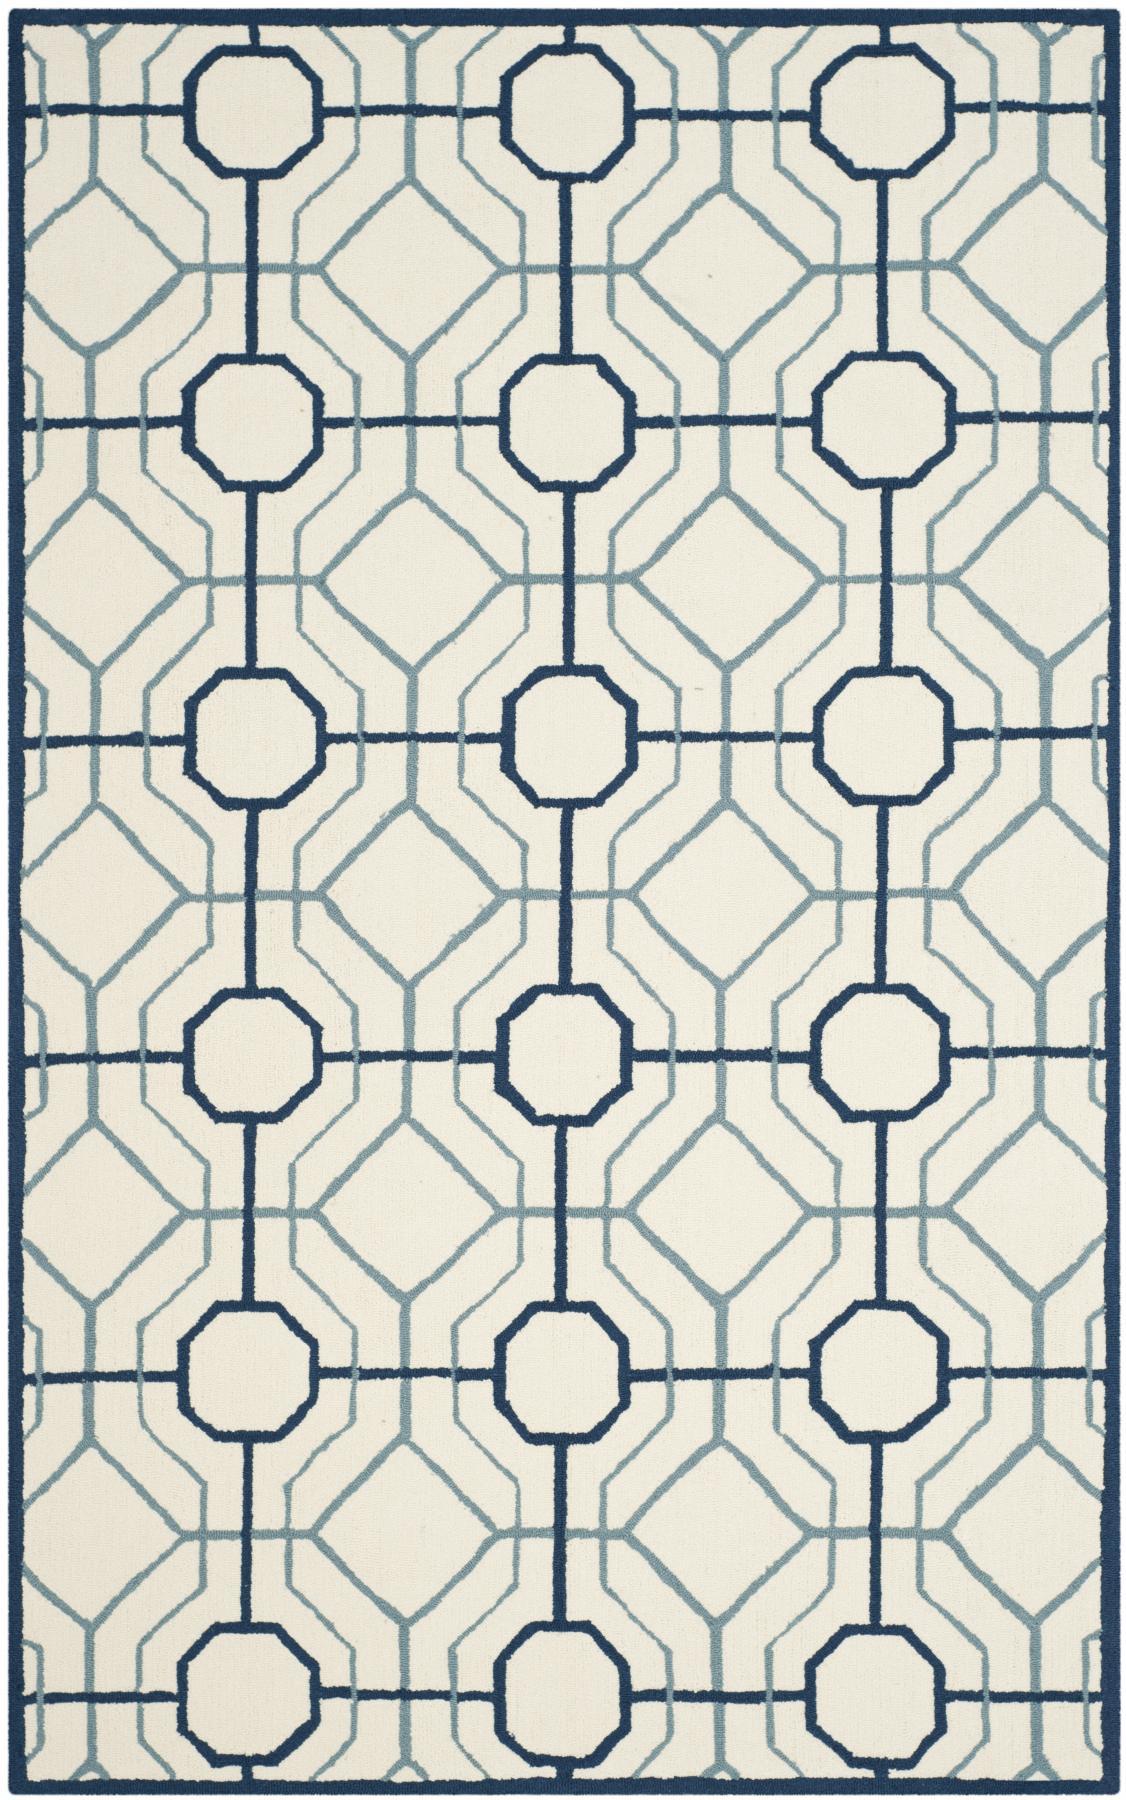 Fabulous trellis navy/white rug